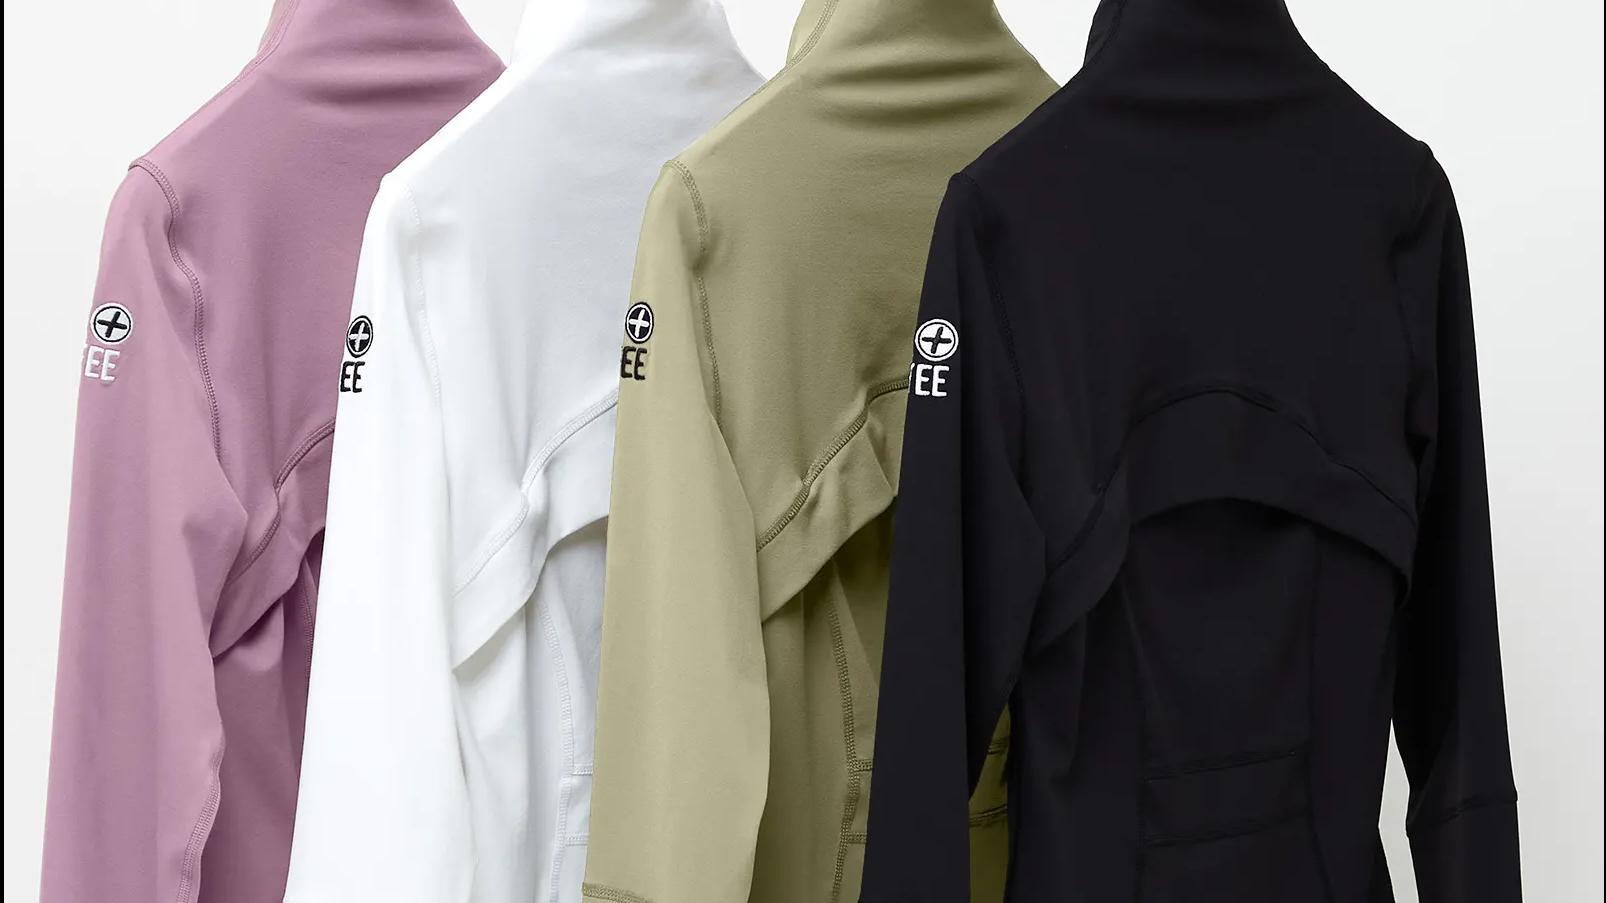 Women's Upside Zip Active Wear Jackets